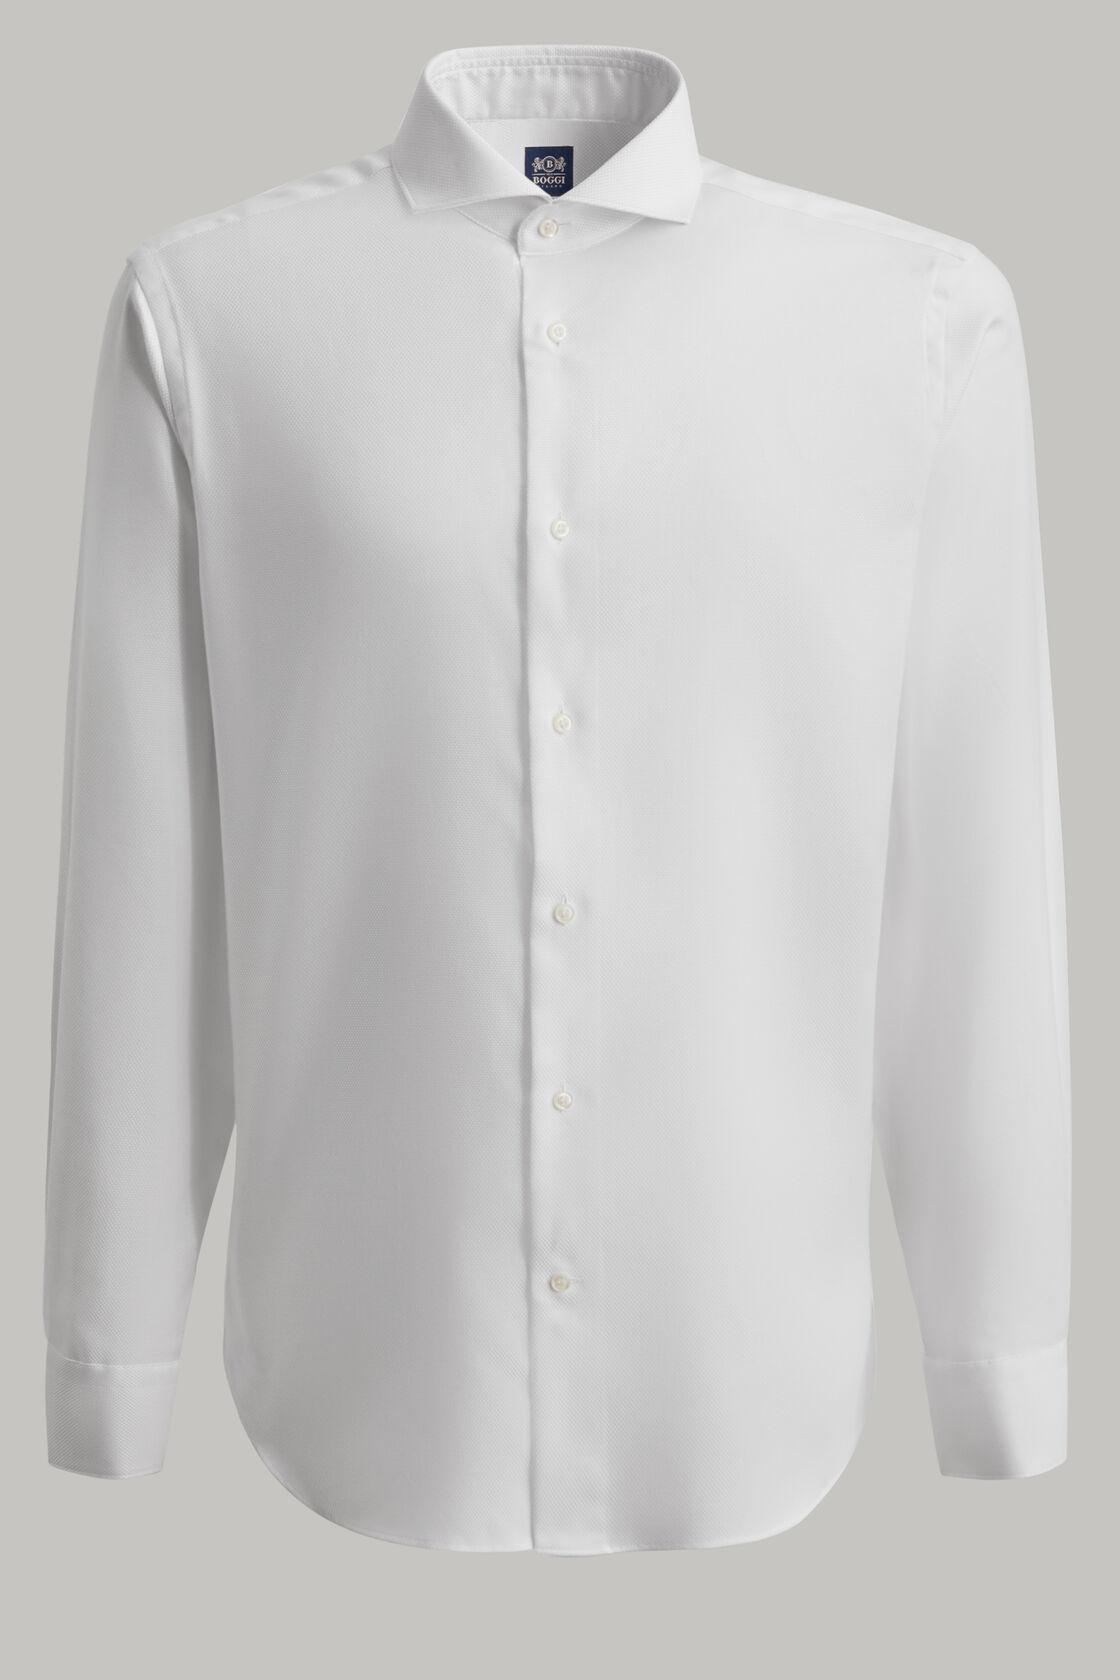 Weisses schafthemd aus baumwolle regular fit, Weiß, hi-res